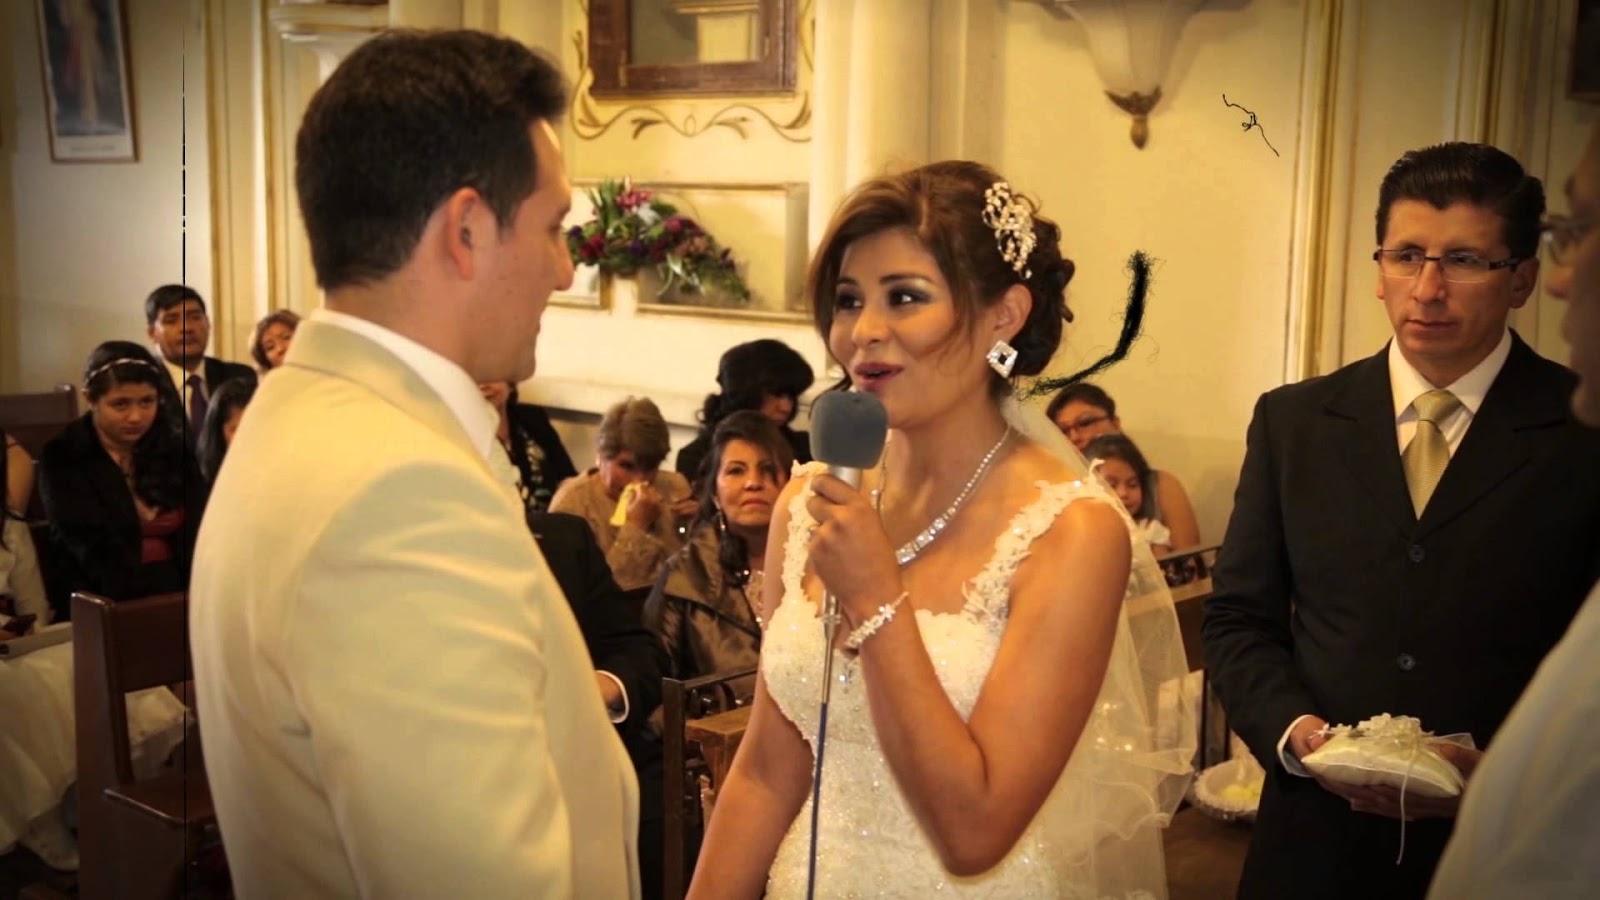 Imagenes De Matrimonio Catolico : El matrimonio en bolivia unandes